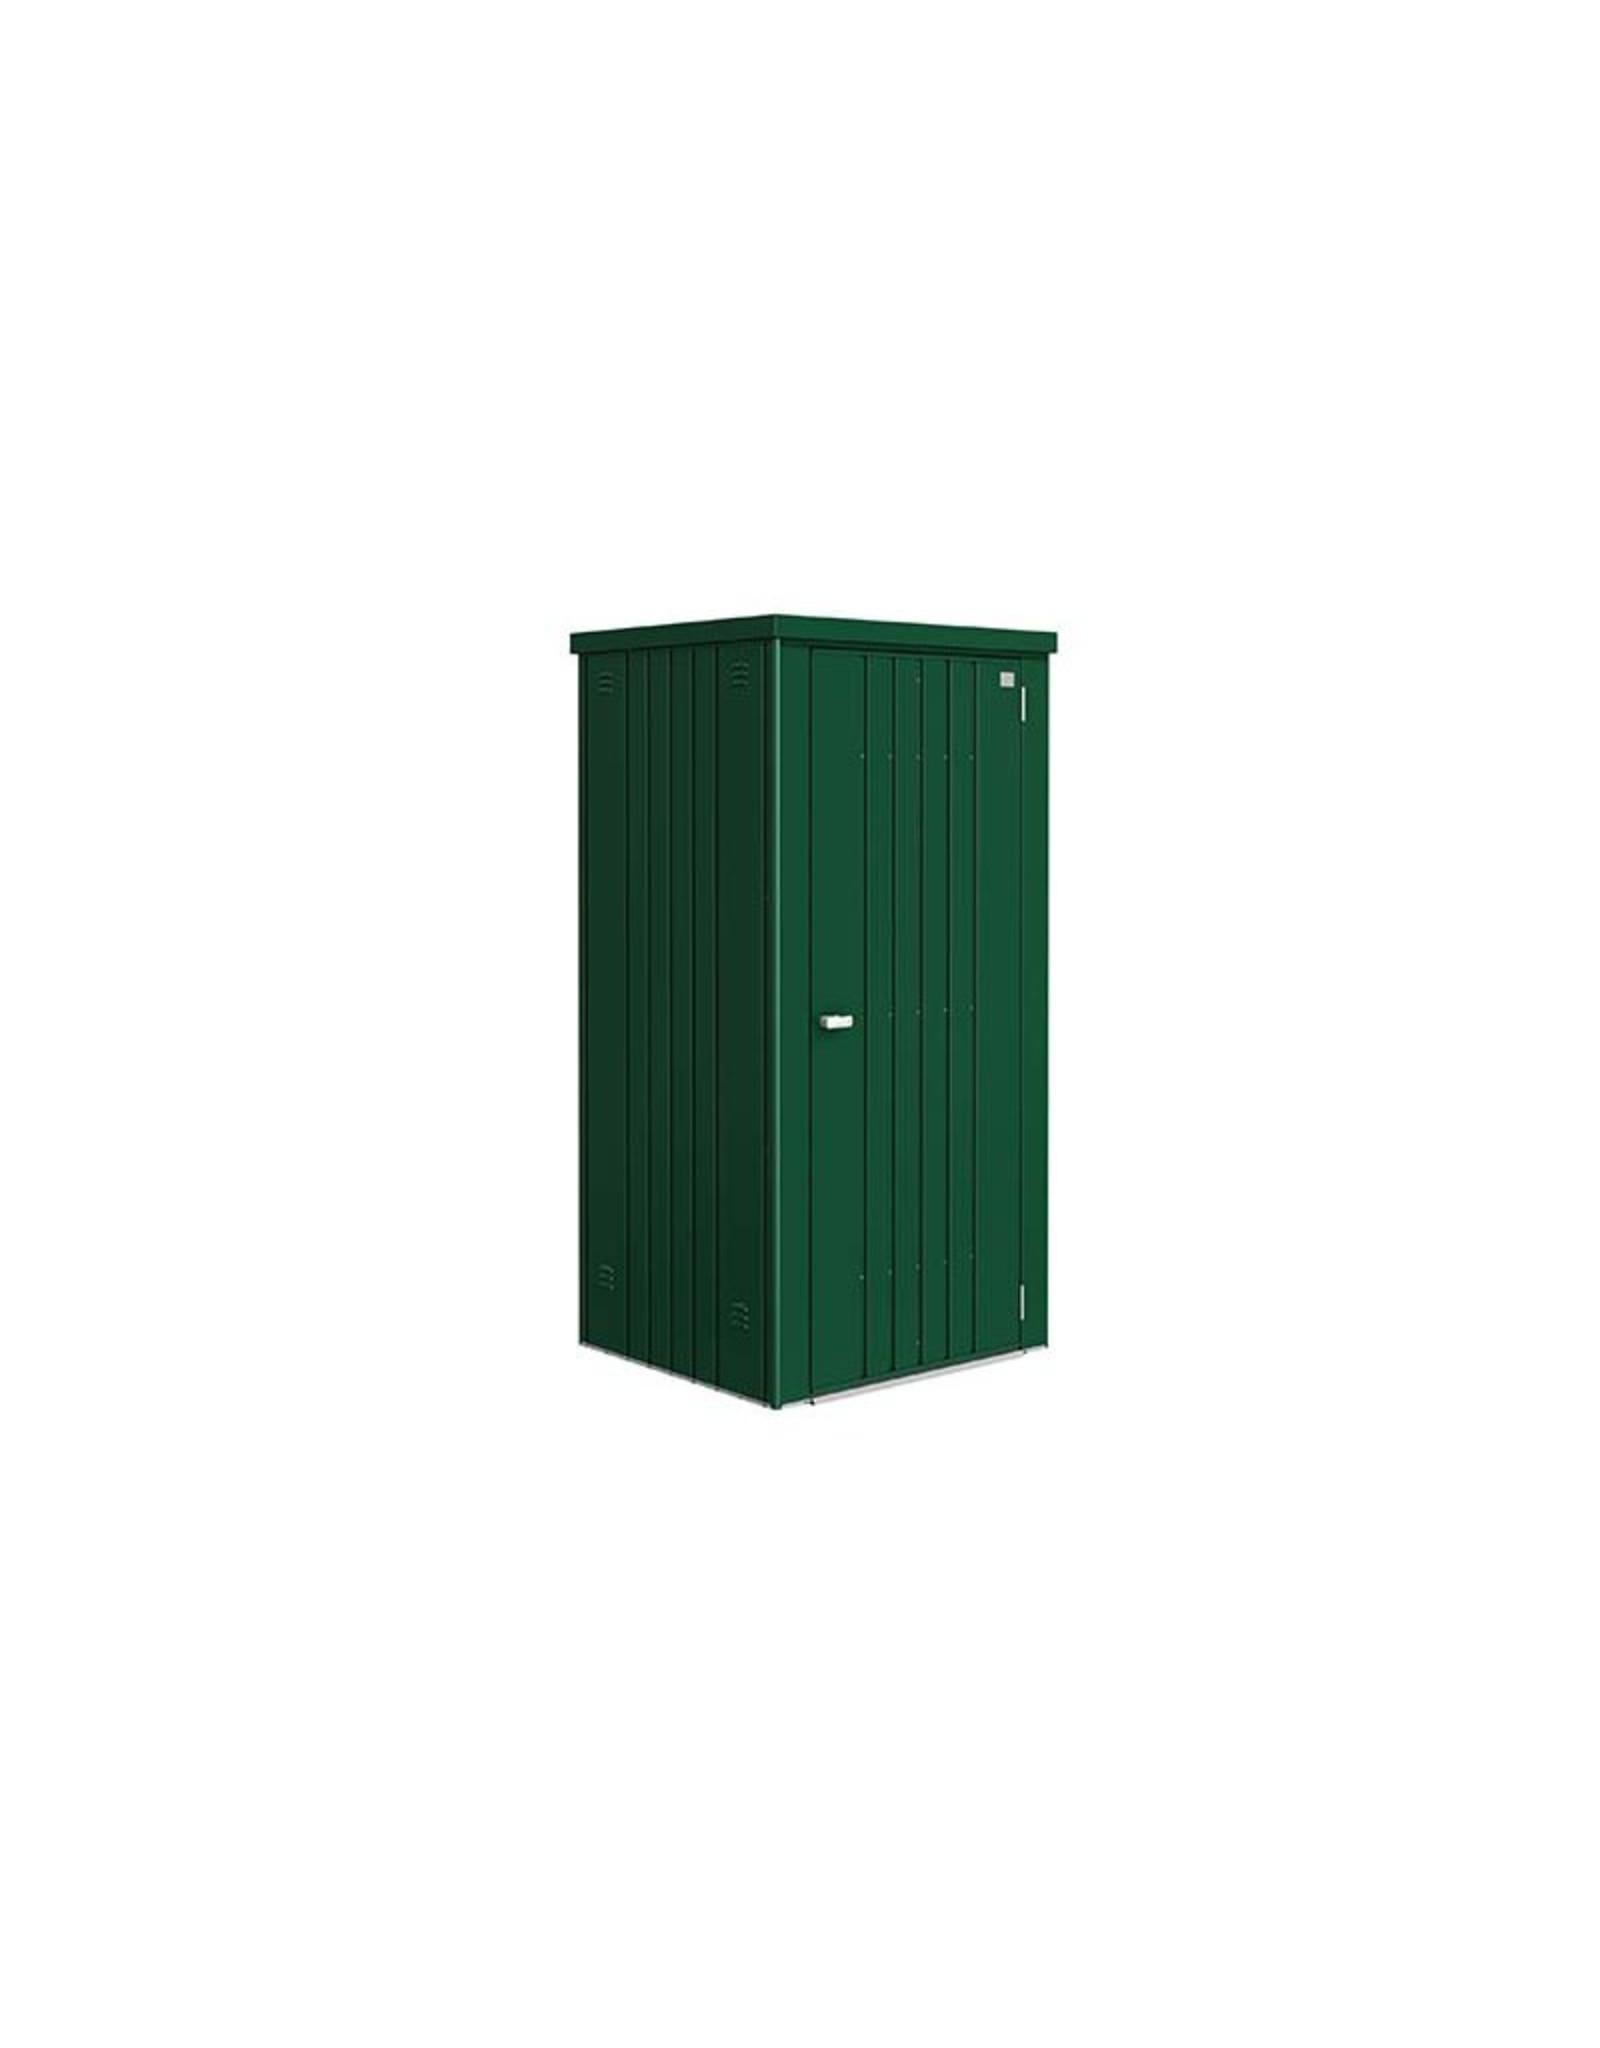 Biohort Biohort Garden storage cabinet